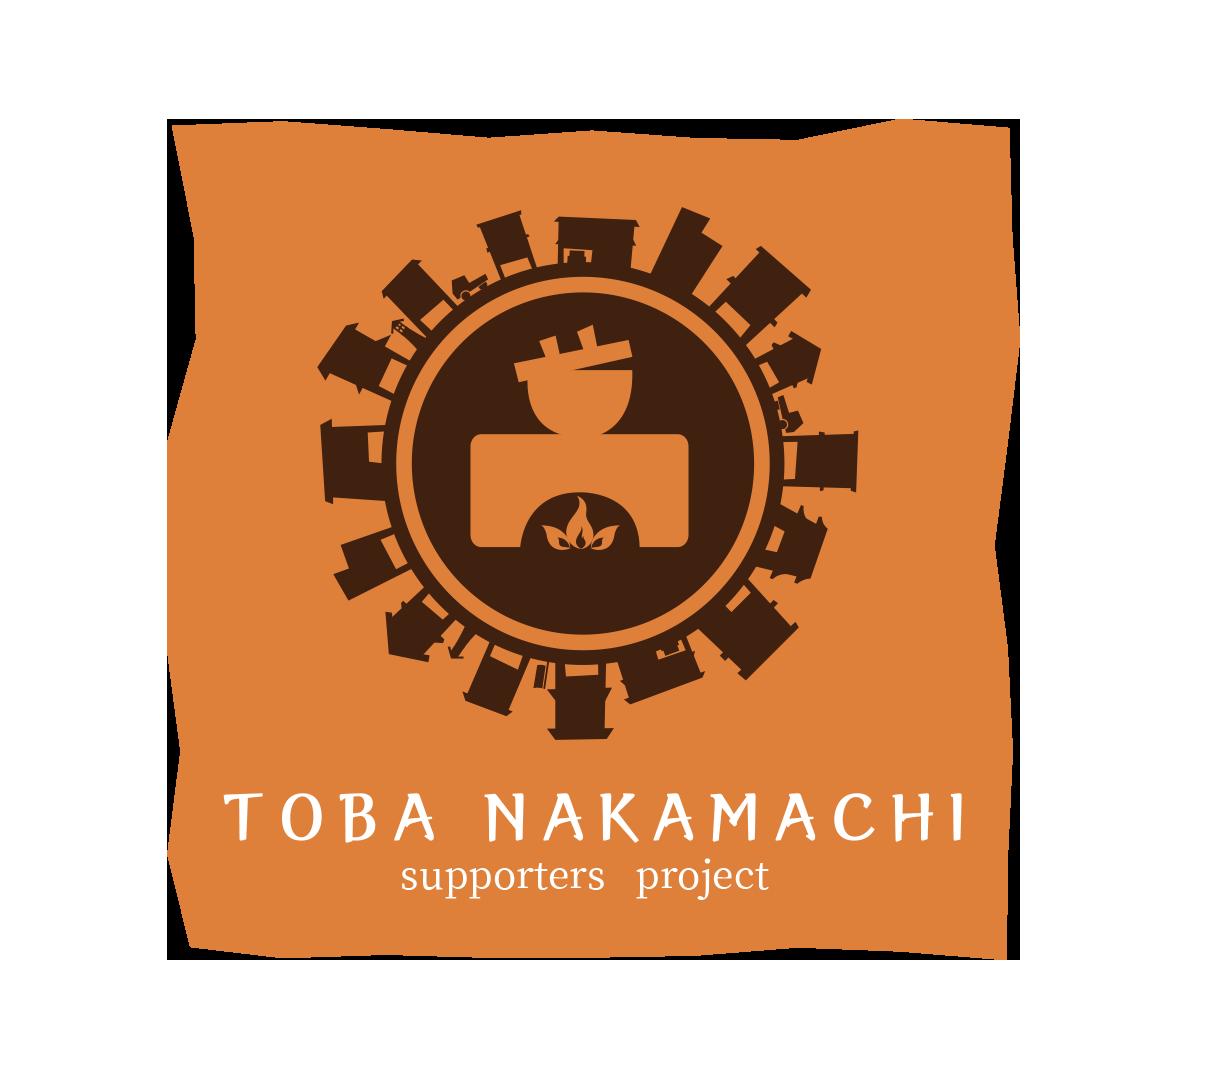 tobanakamachisupportlogo